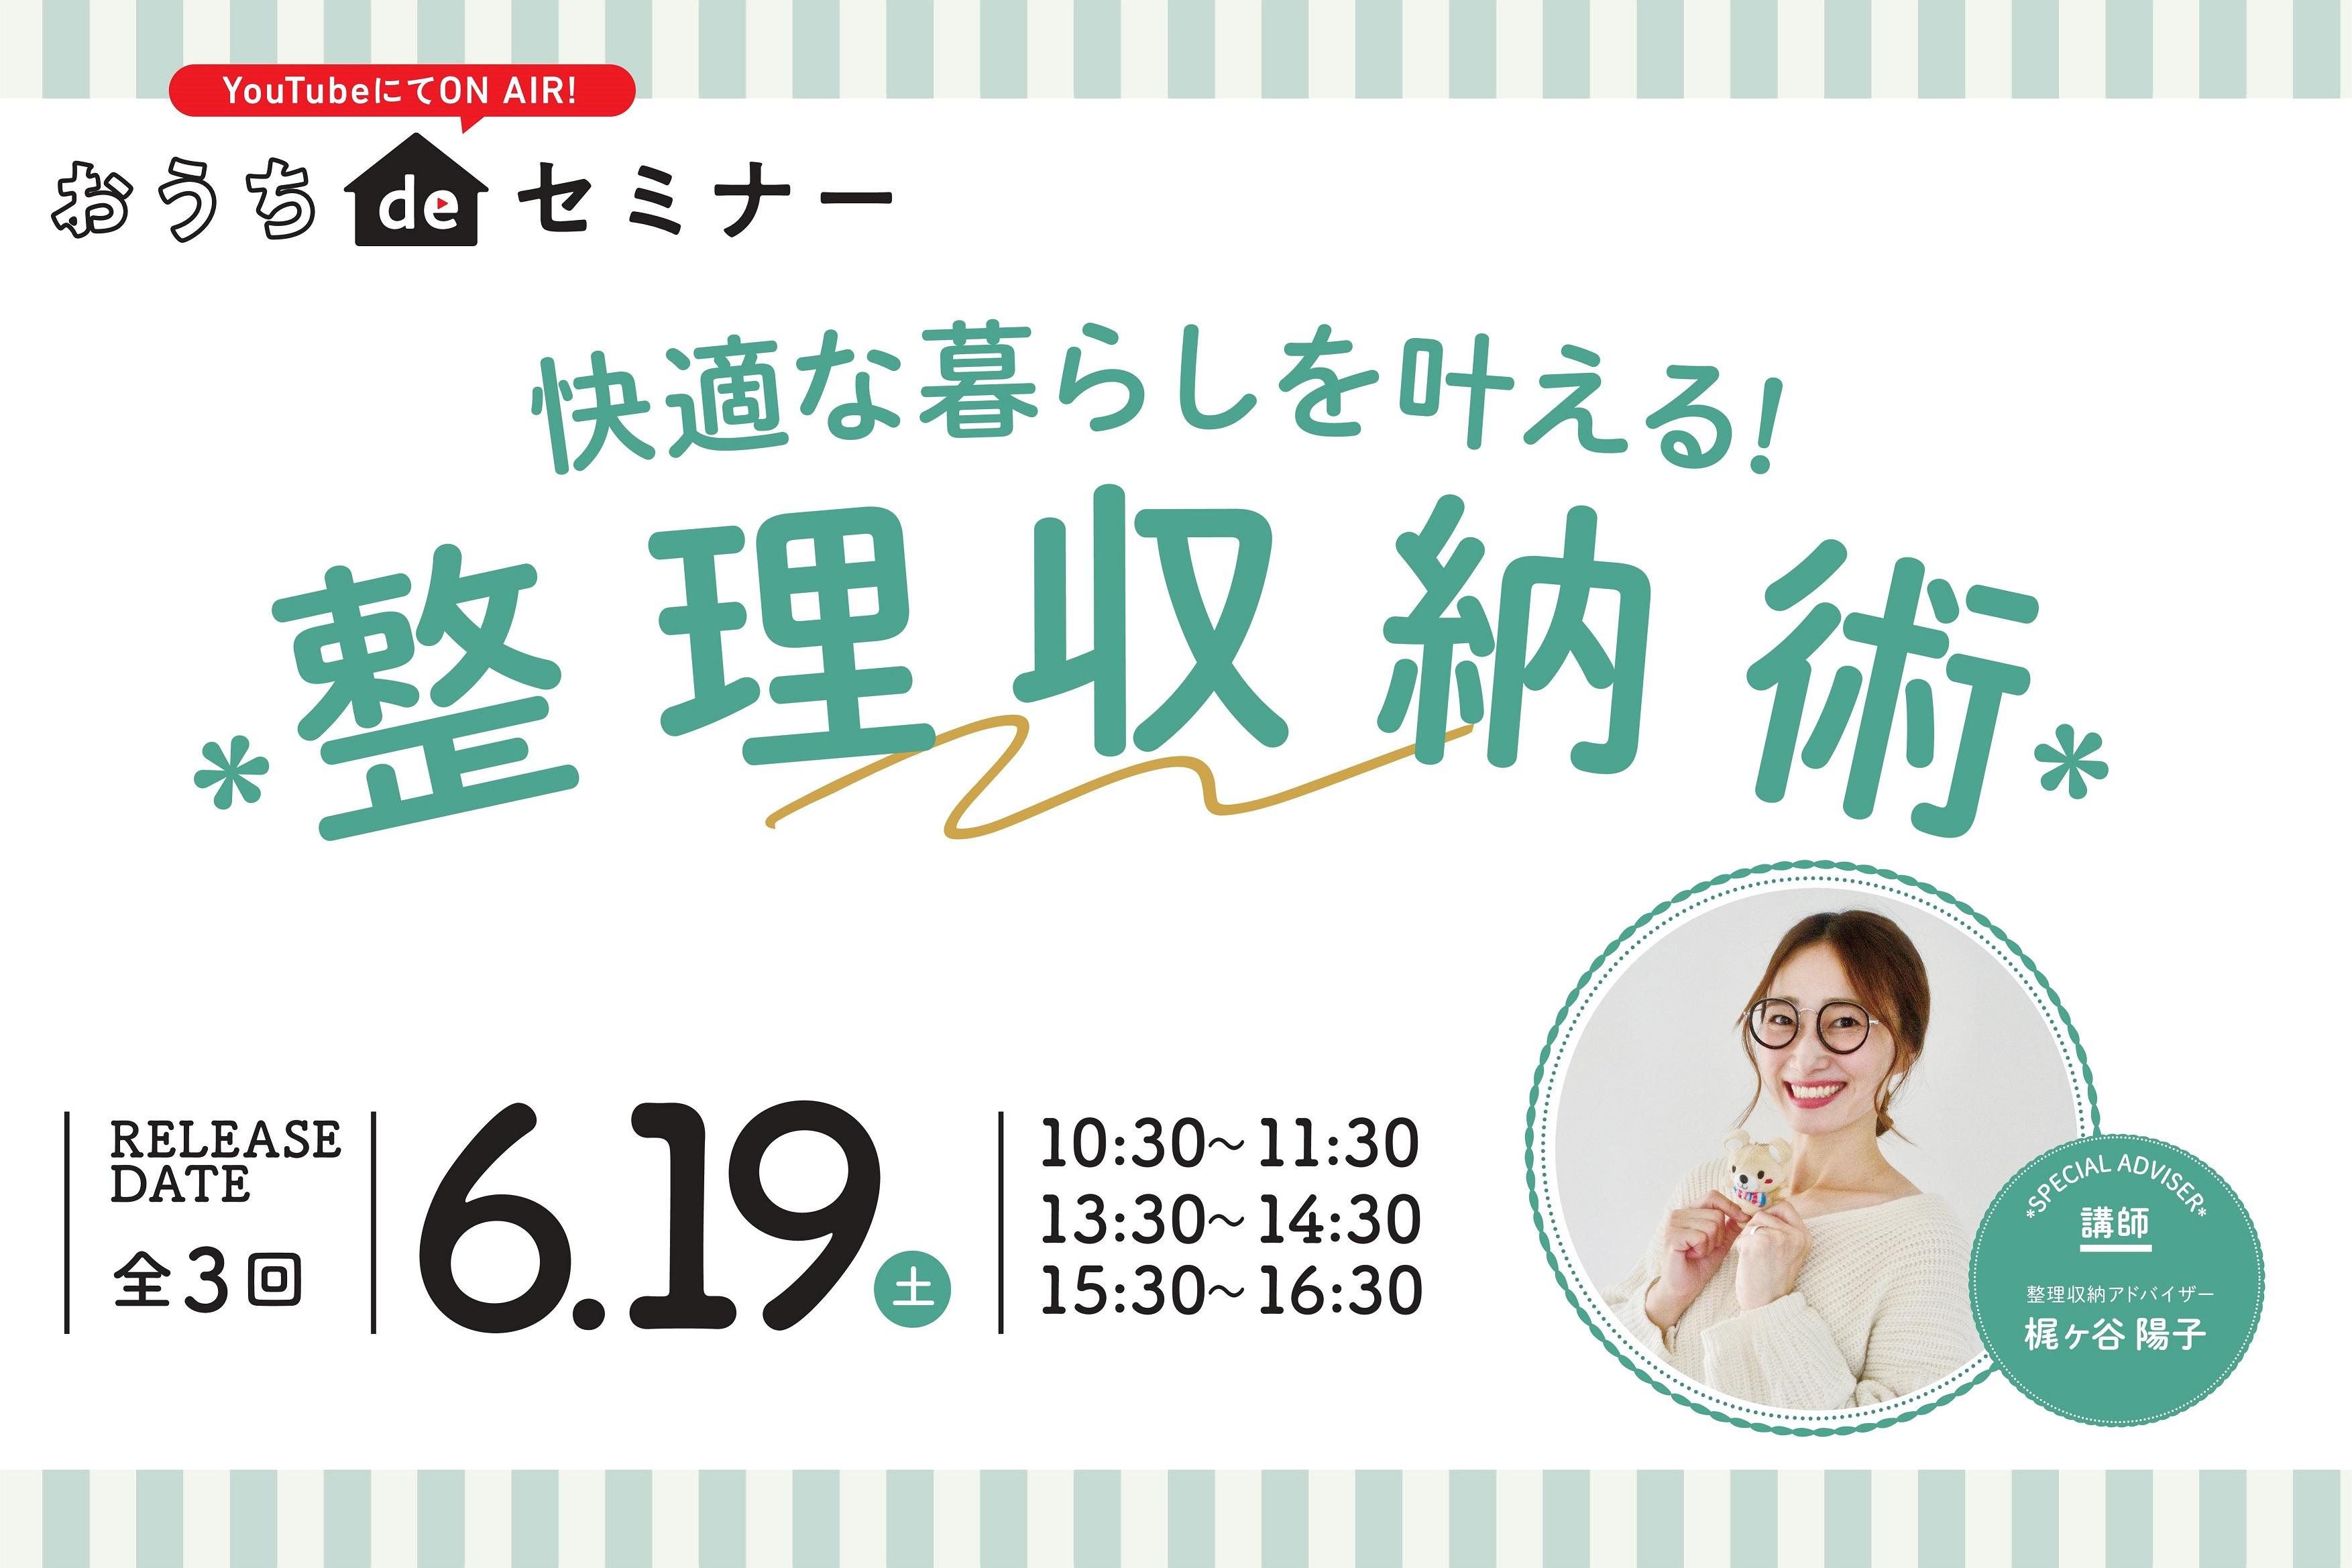 6/19(土)◆【おうちdeセミナー】整理収納術*サムネイル画像